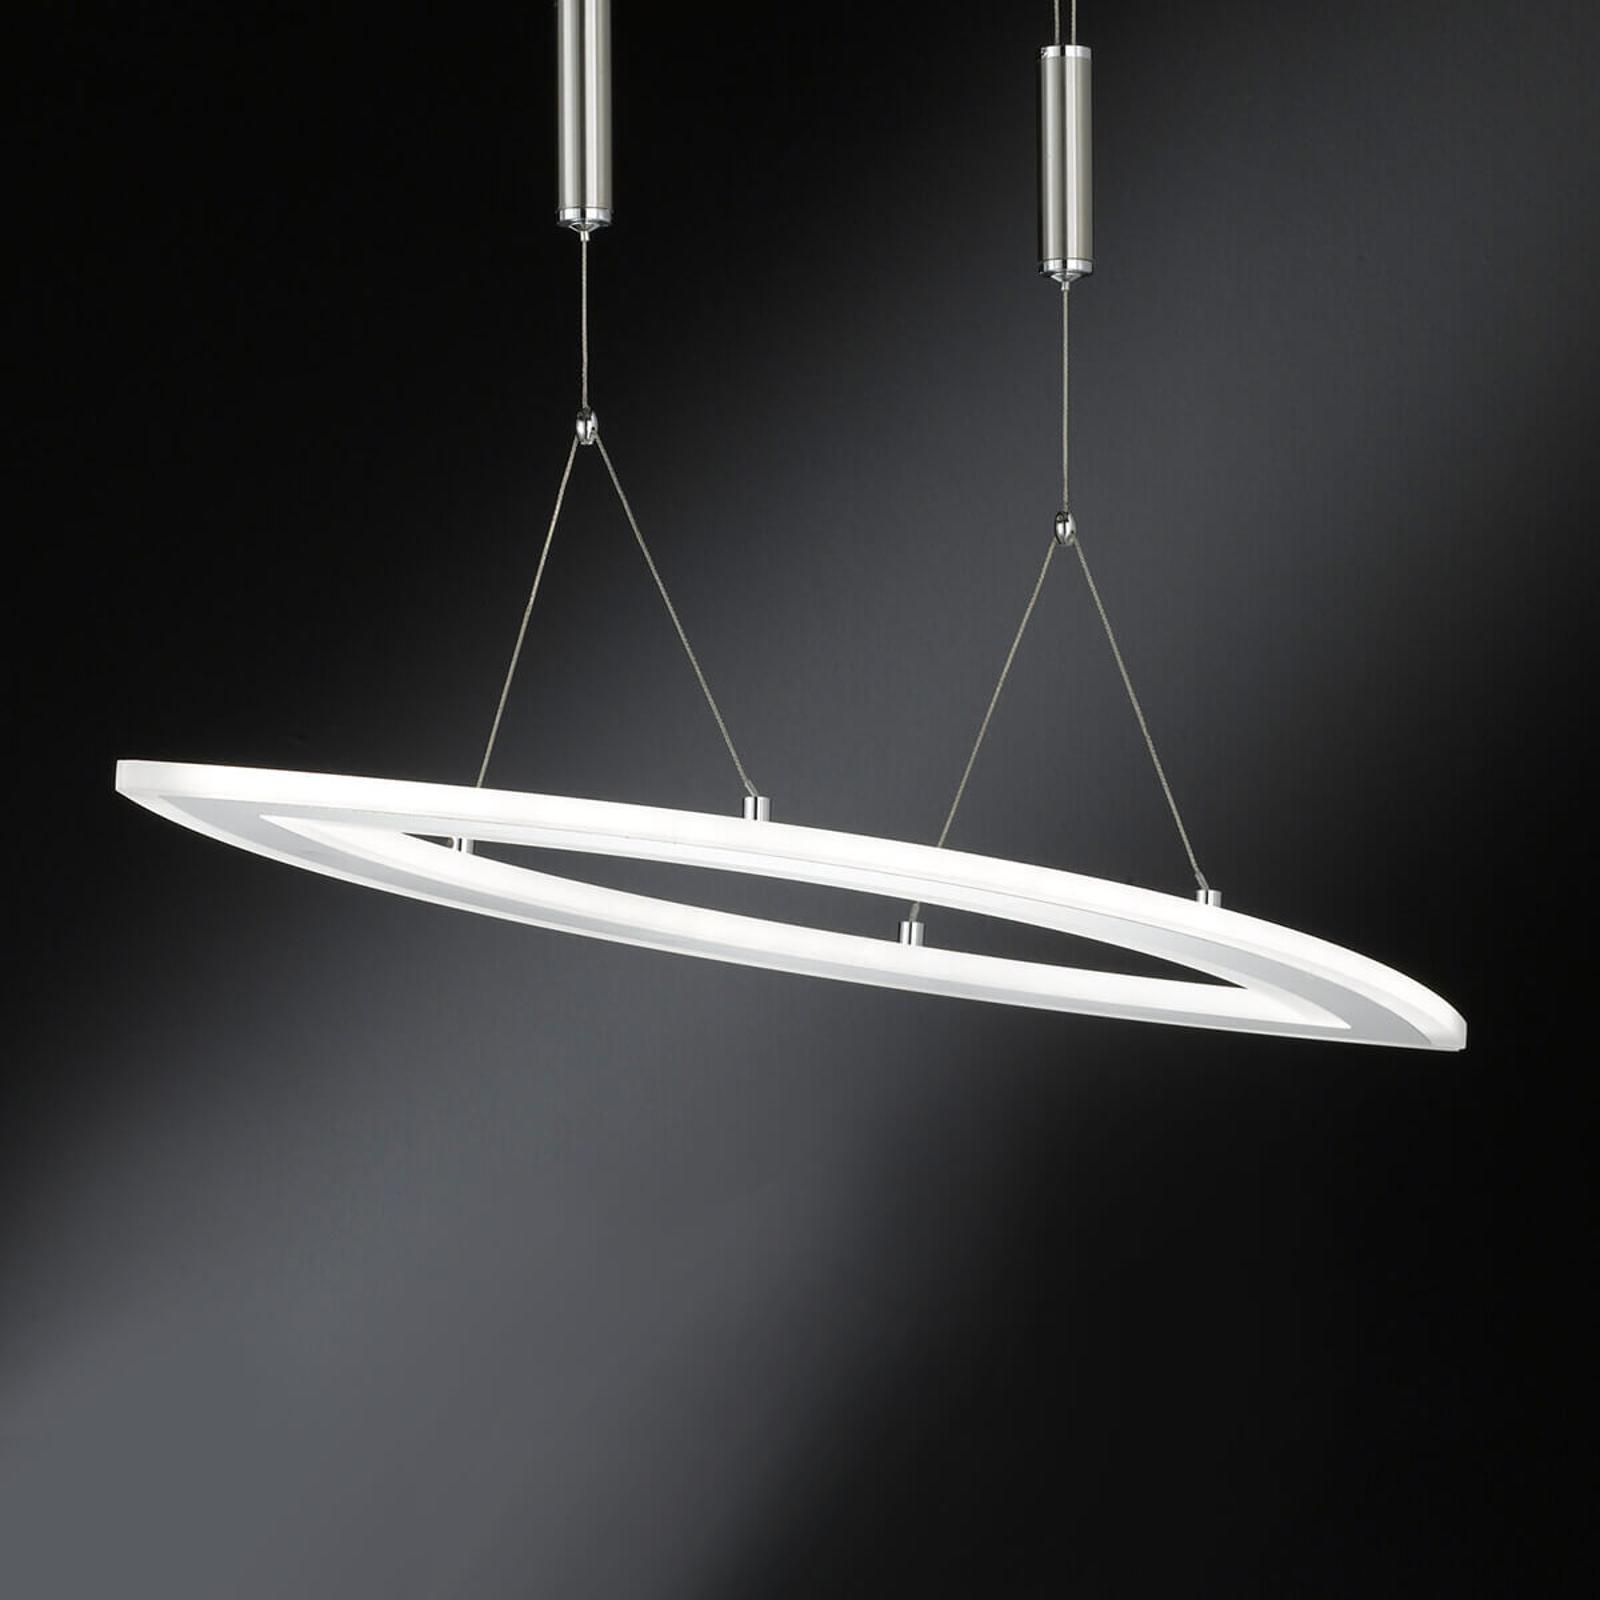 Dimbar, höjdjusterbar LED-pendellampa Nevil